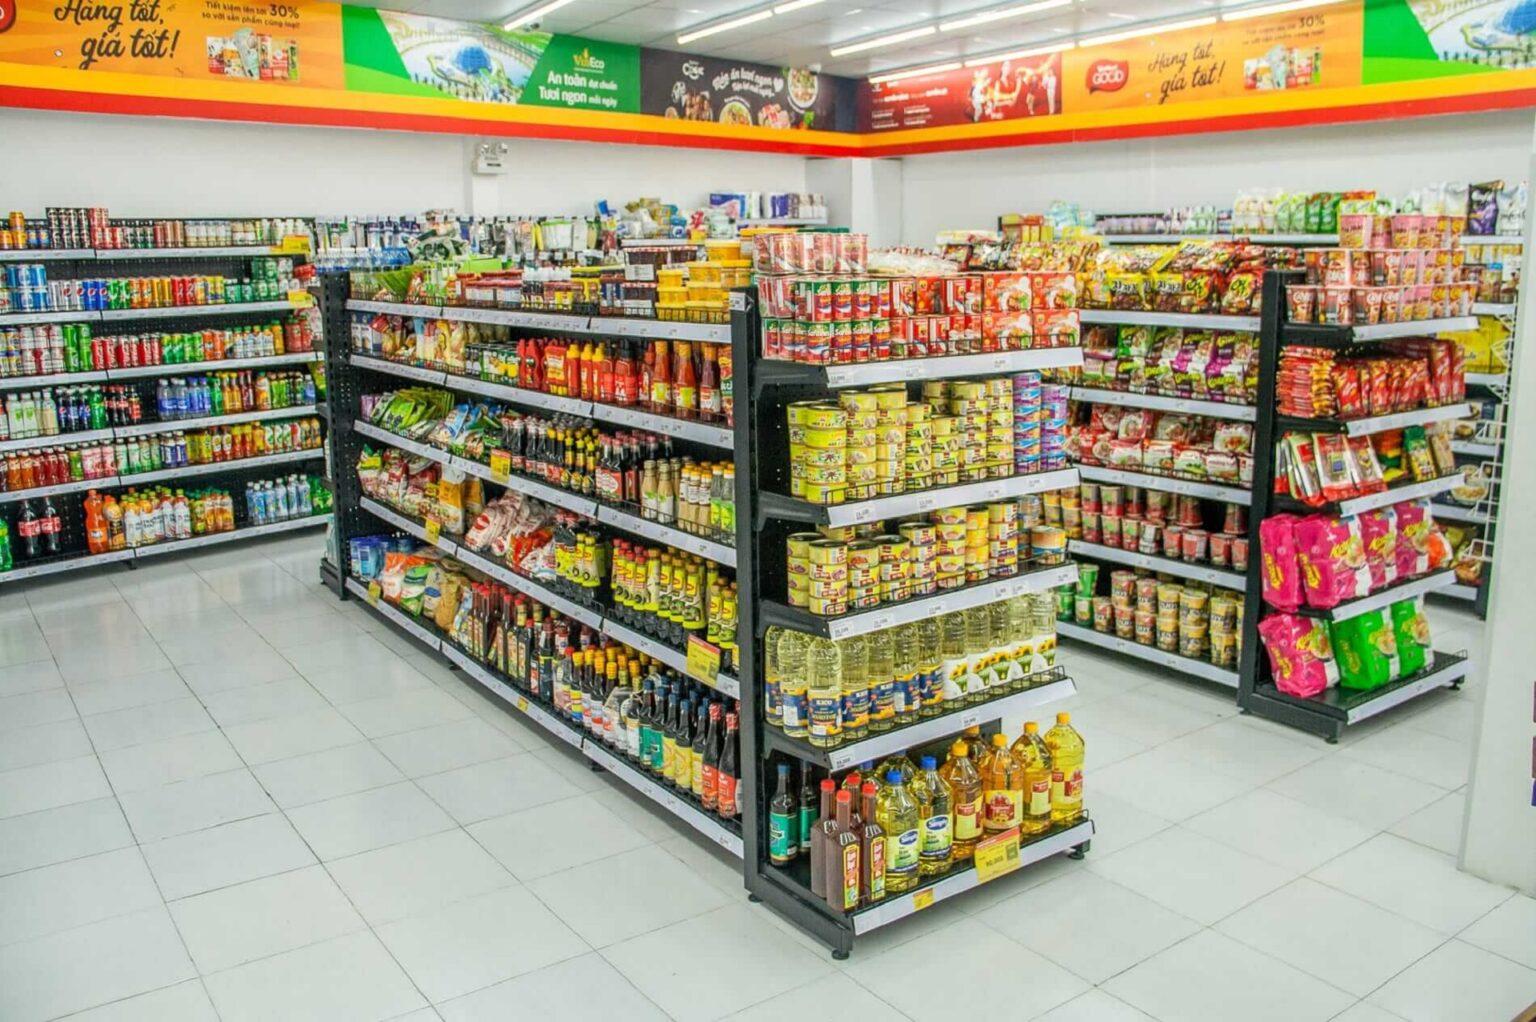 Mở cửa hàng tạp hoá cần bao nhiêu vốn là đủ?